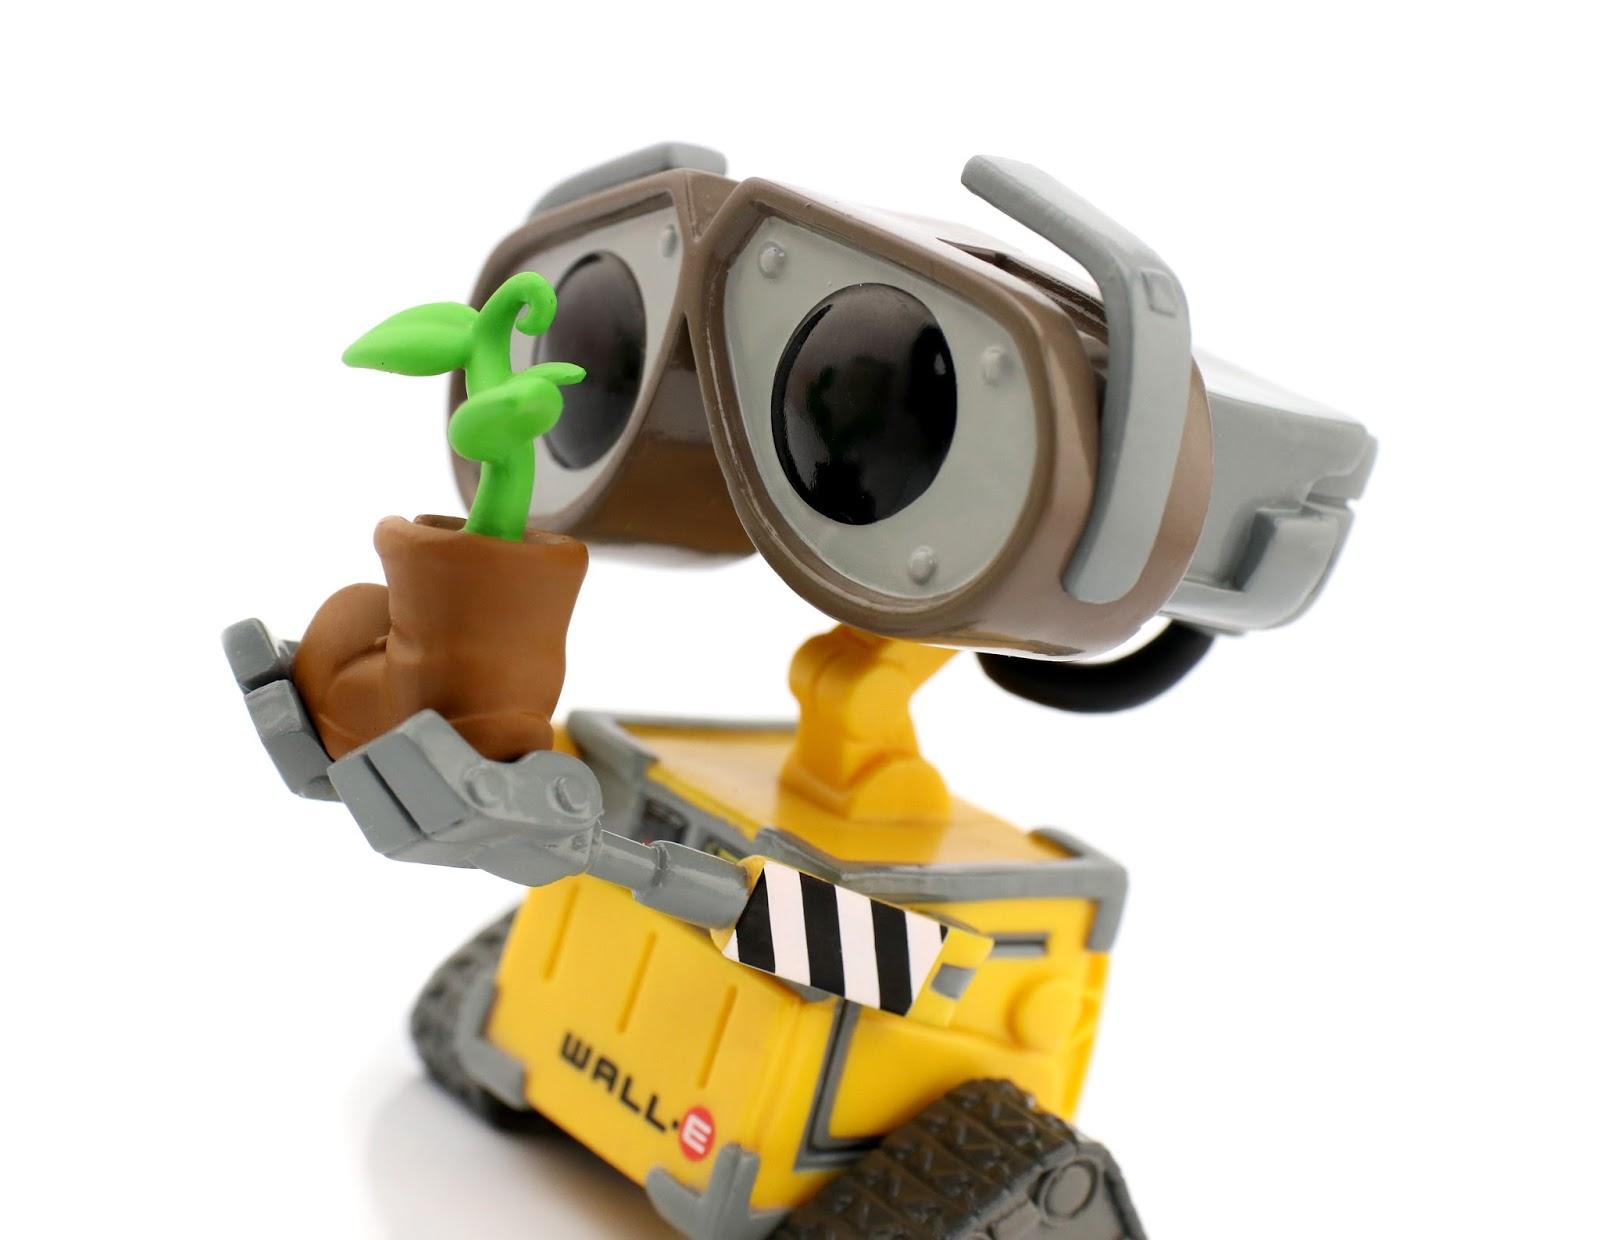 Dan The Pixar Fan